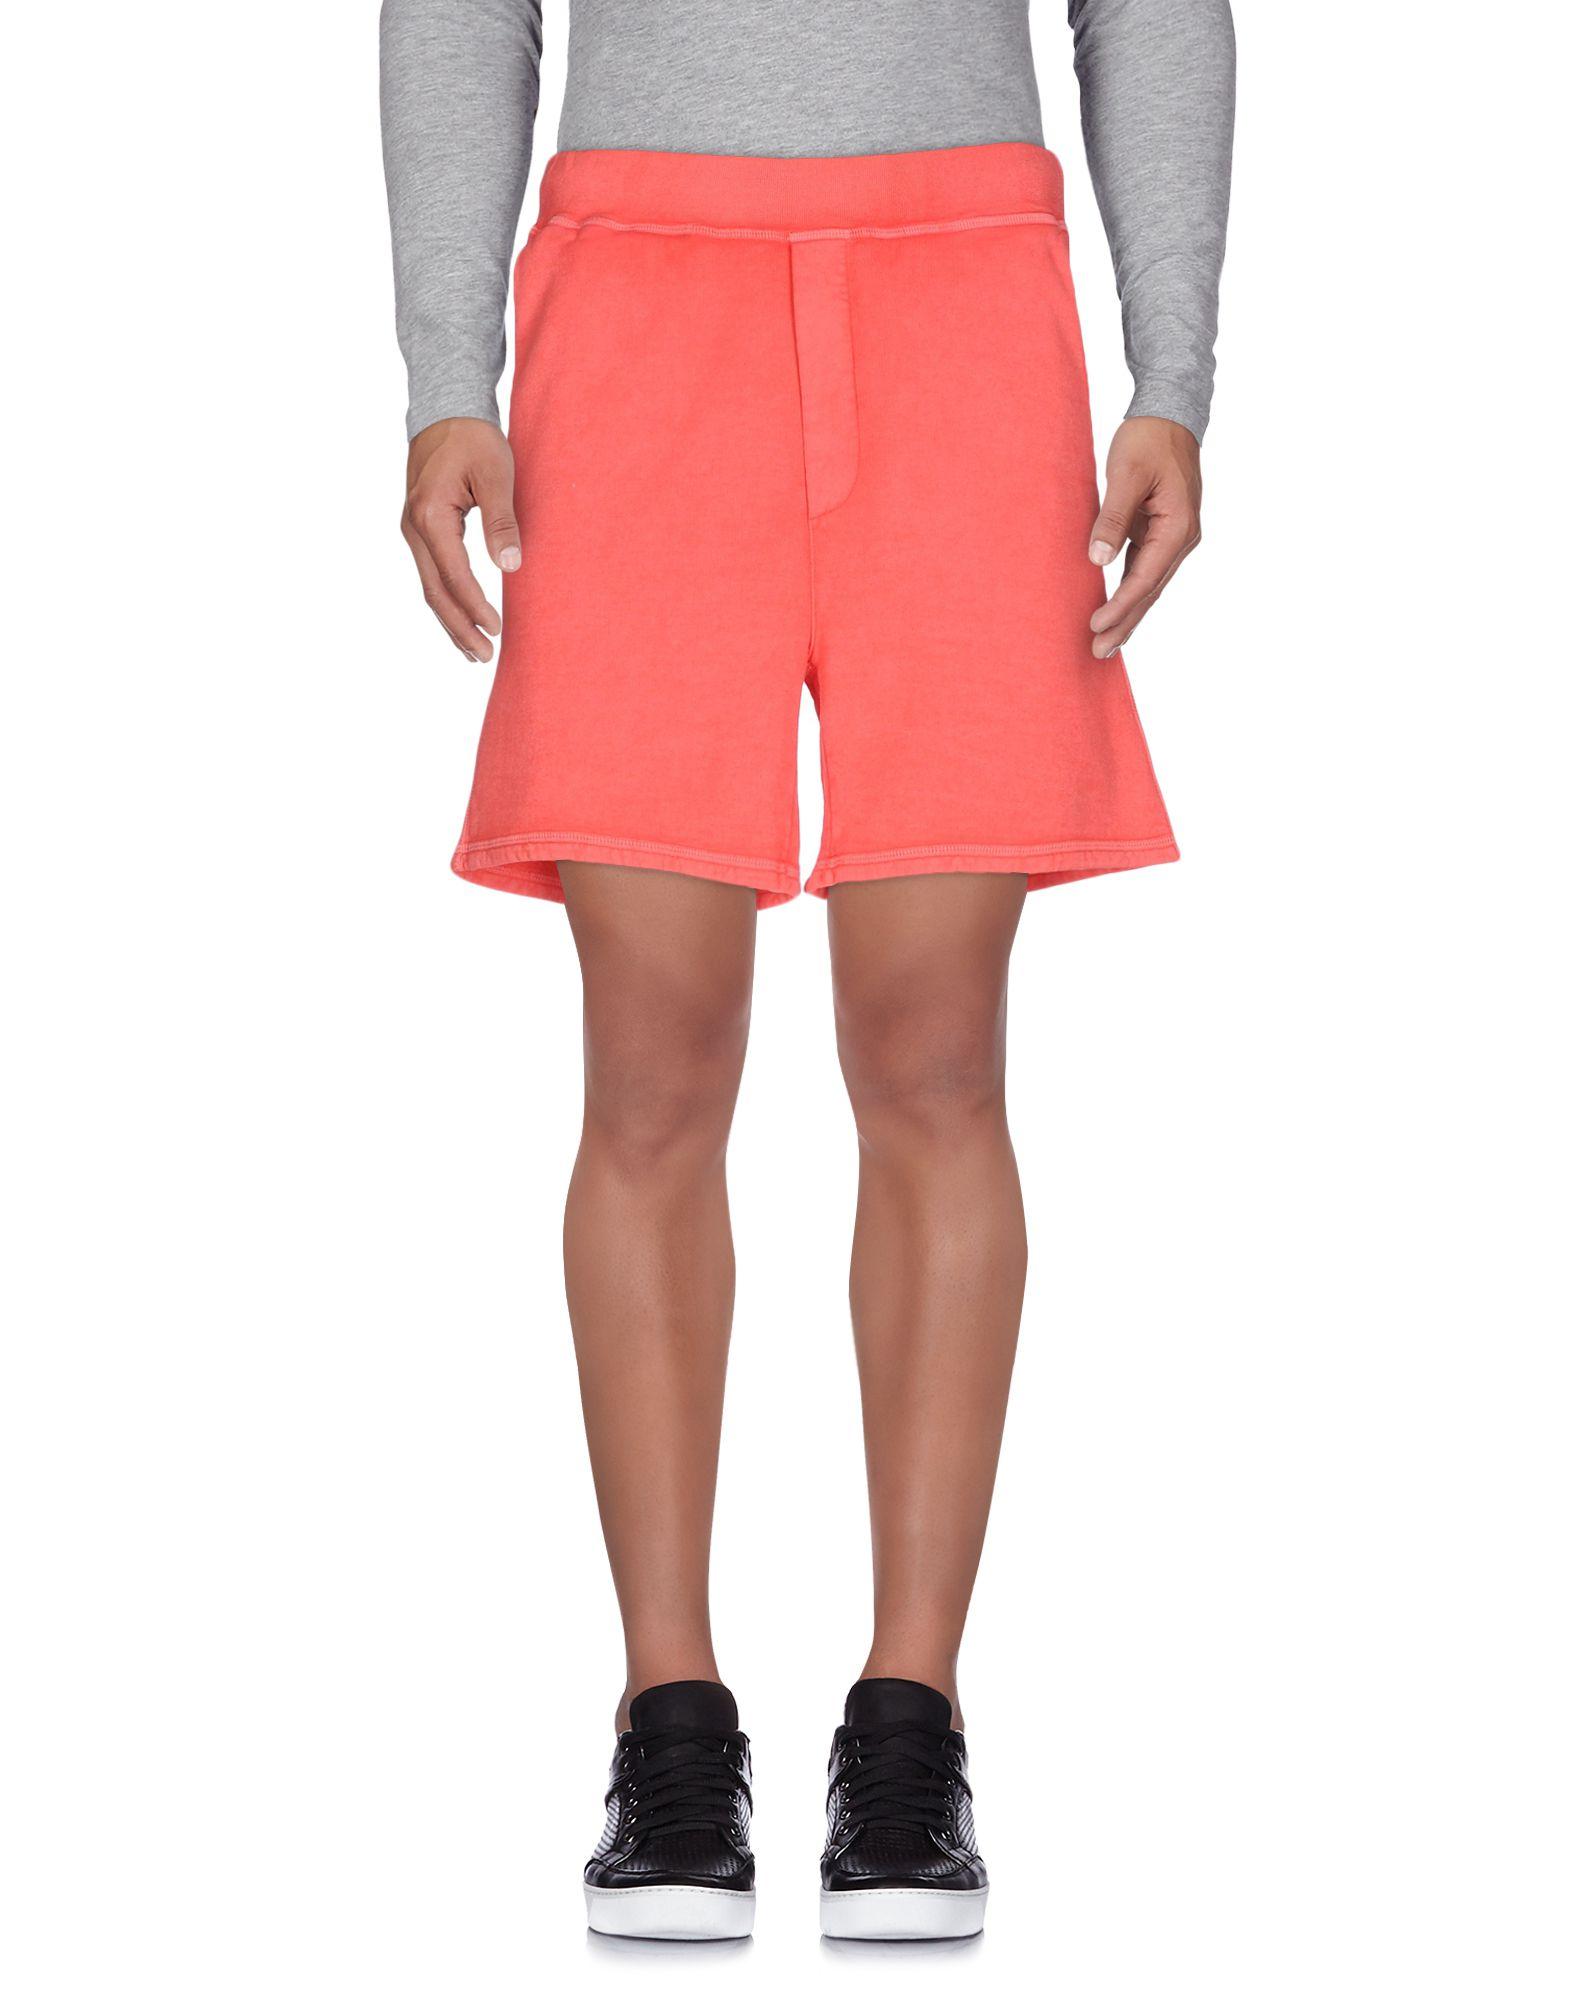 Pantalone Felpa Dsquared2 Uomo - Acquista online su